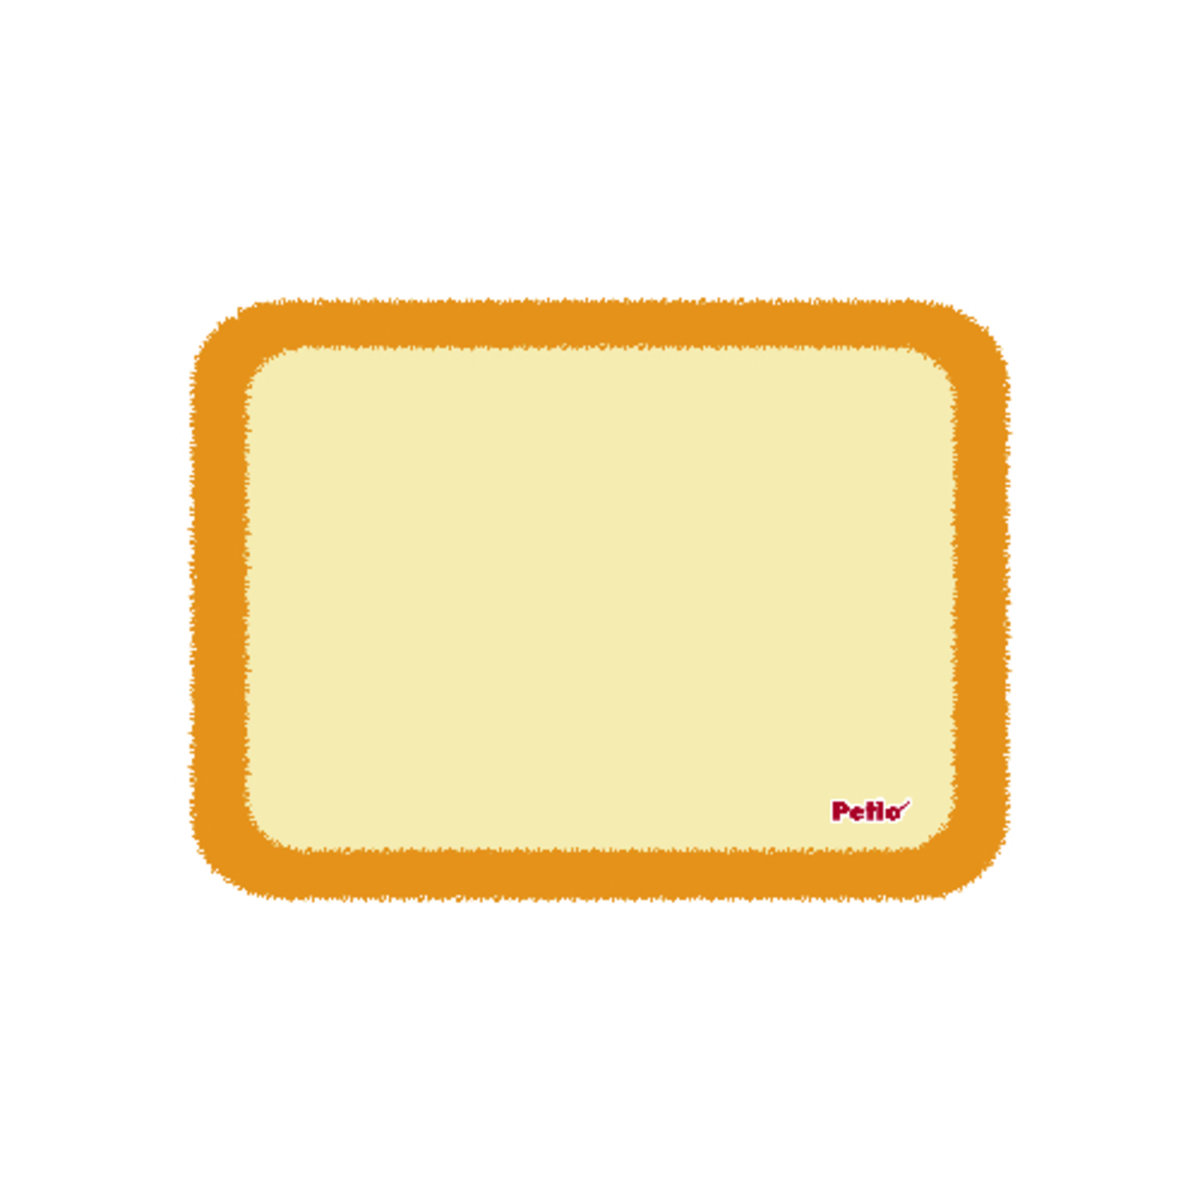 檸檬黃保暖墊(大)(QC71070)